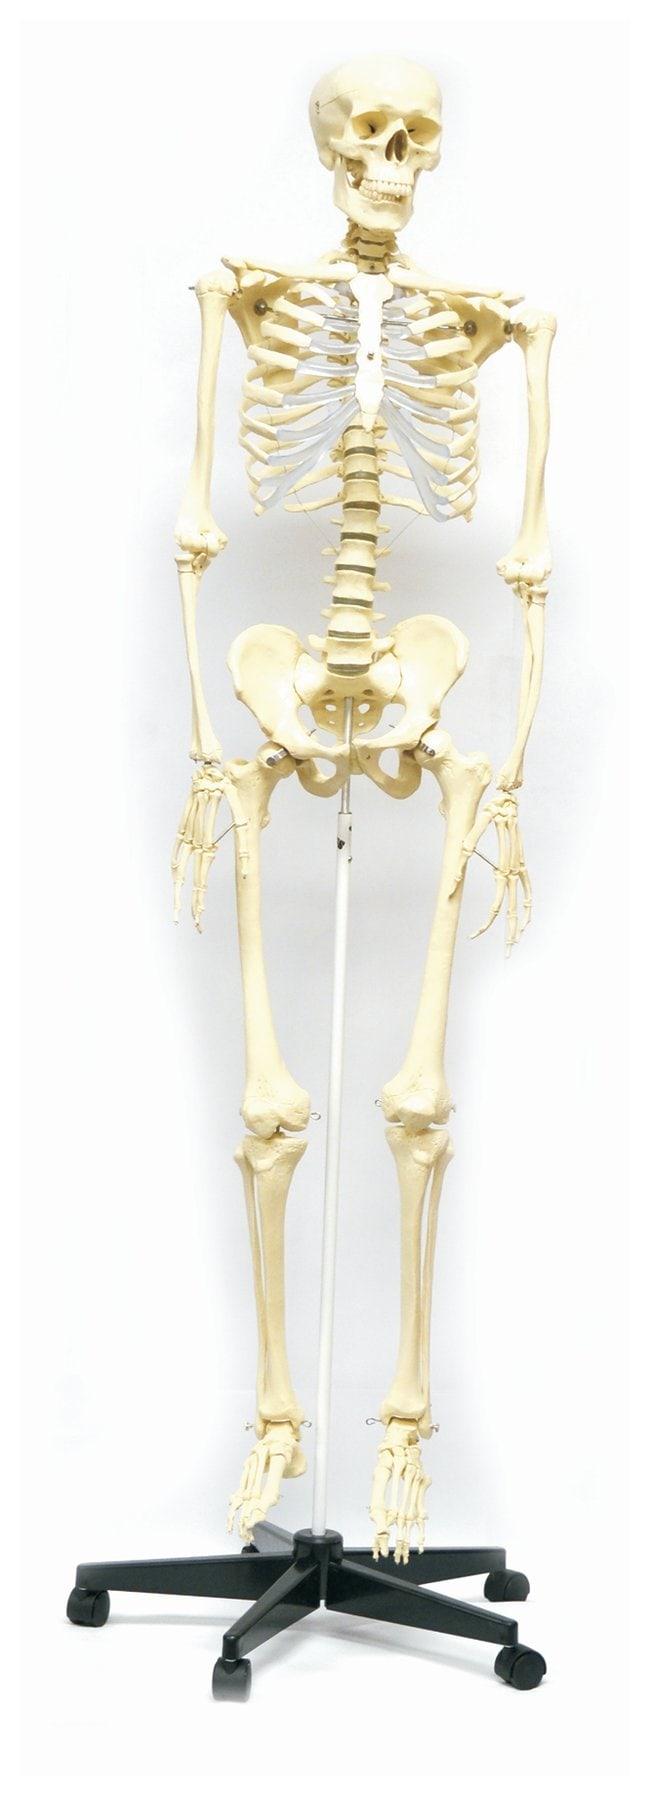 EISCO&nbsp;Human Skeleton Model, Rod Mount&nbsp;<img src=